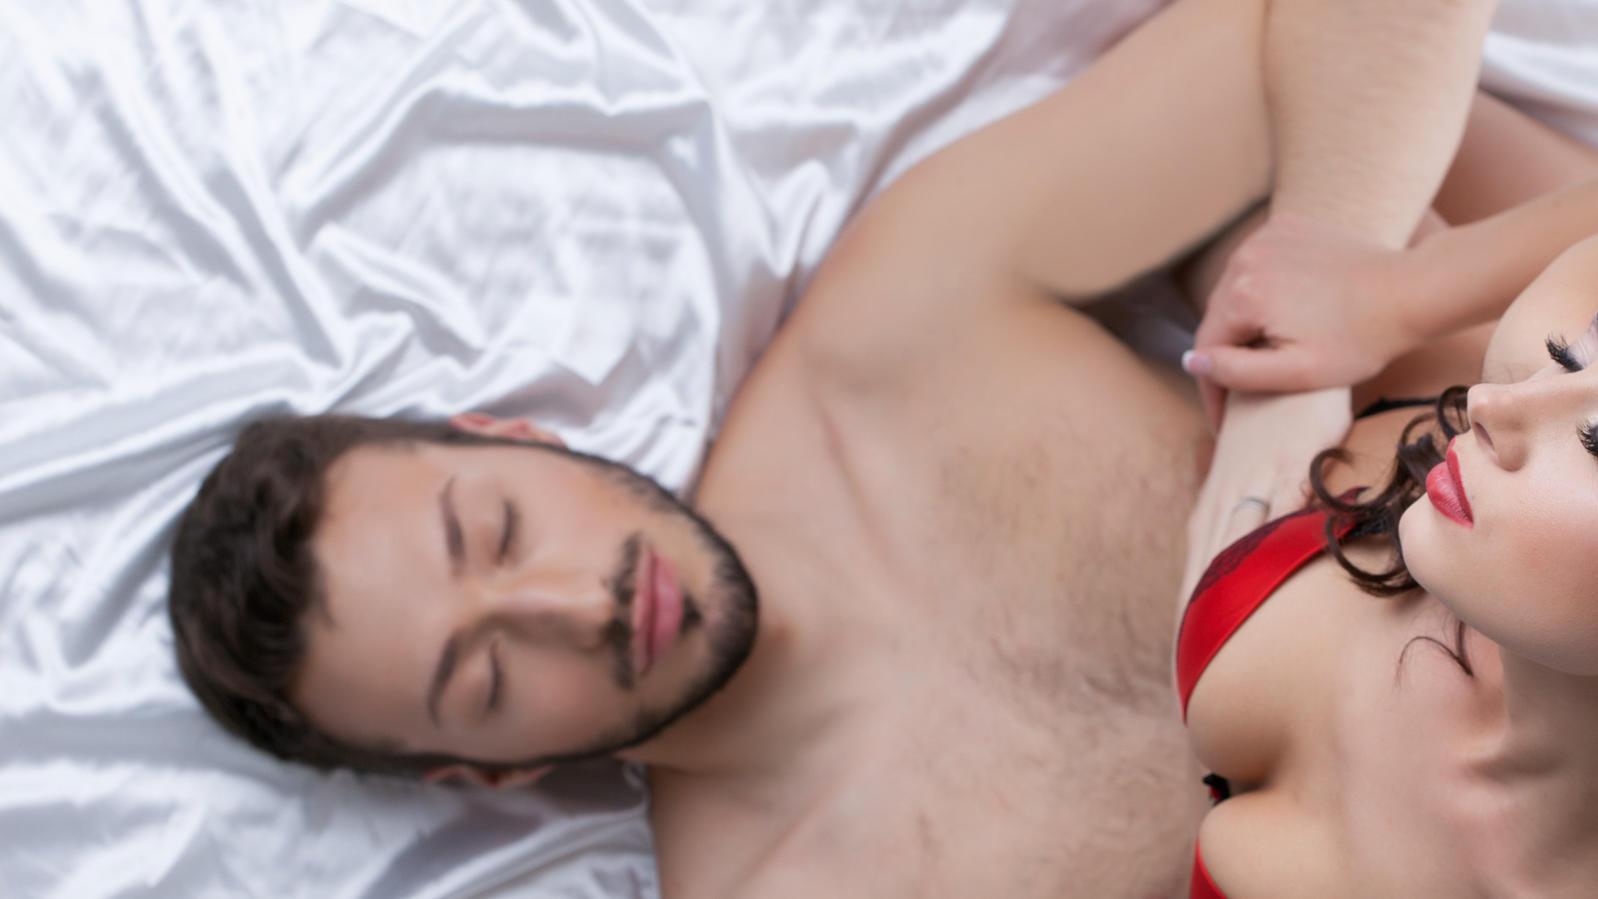 sex interacial stellungen fotos